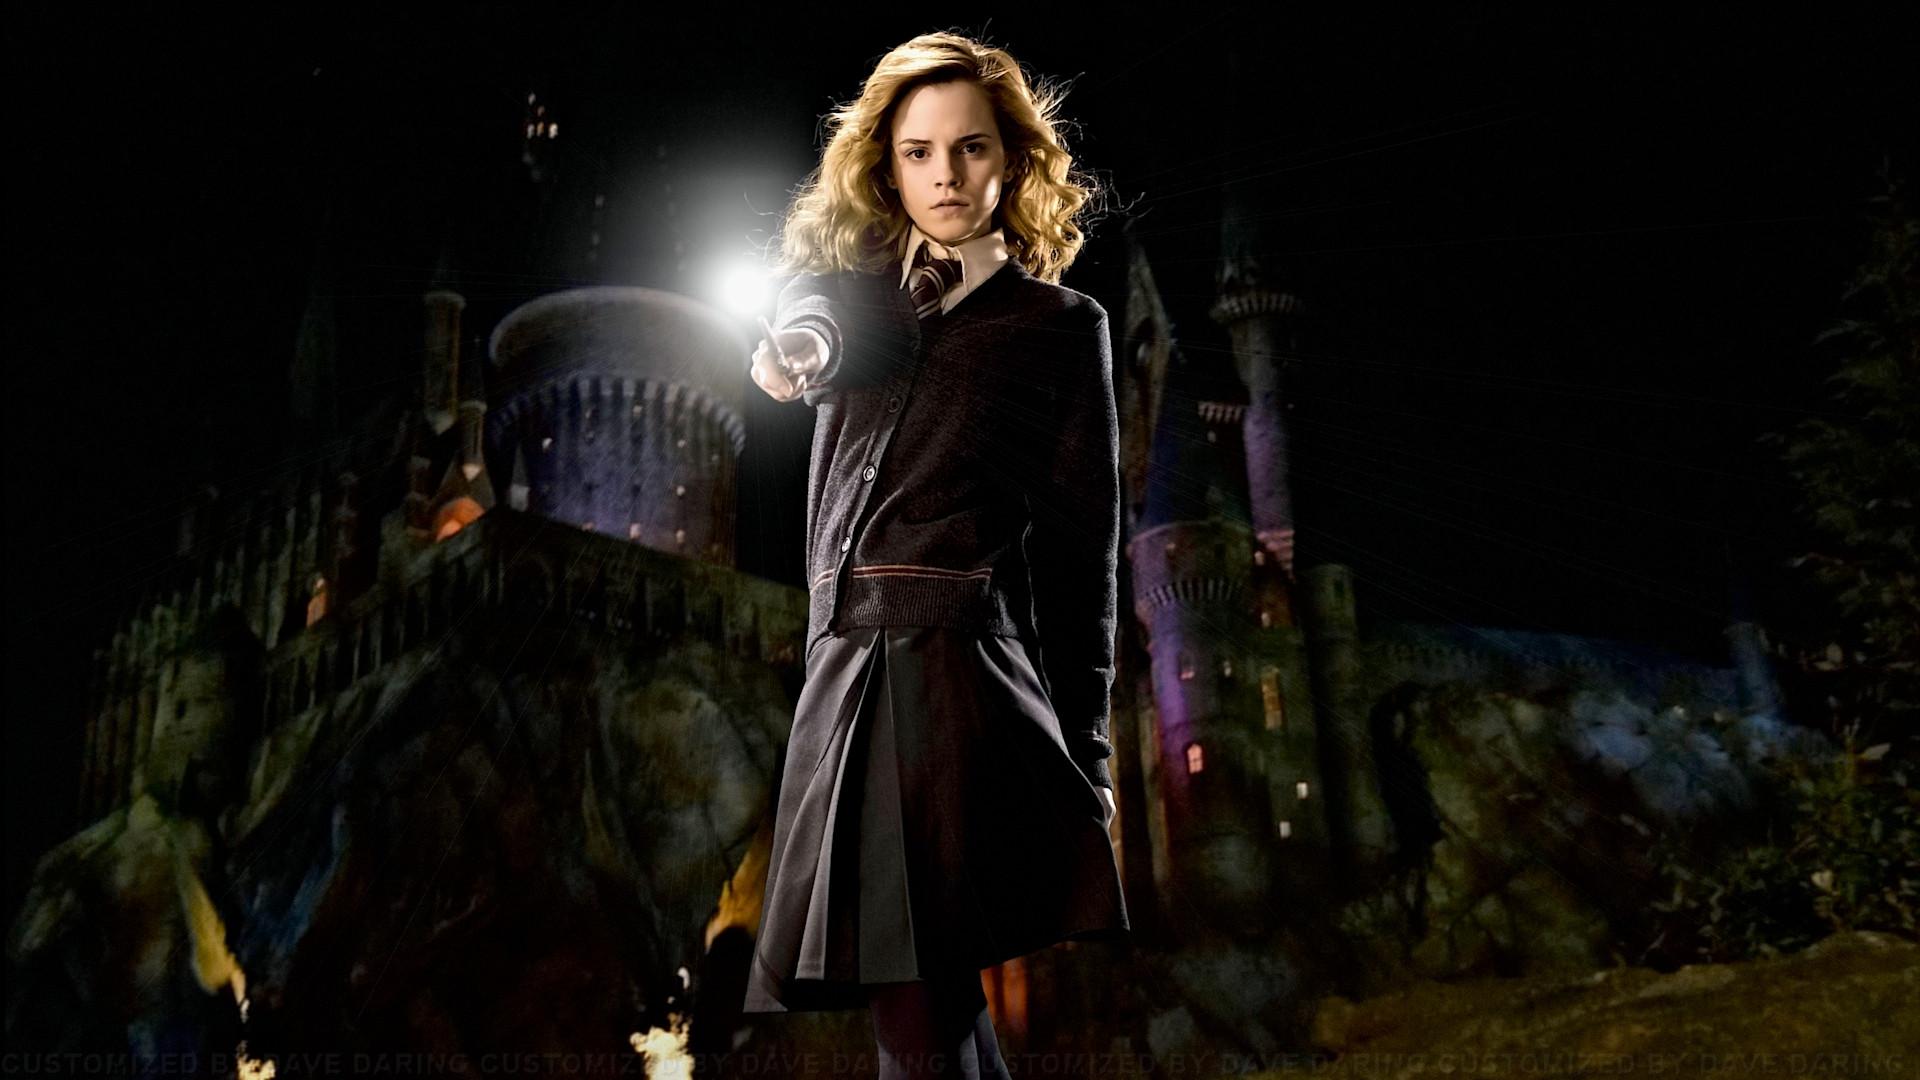 fonds d'écran hermione granger : tous les wallpapers hermione granger